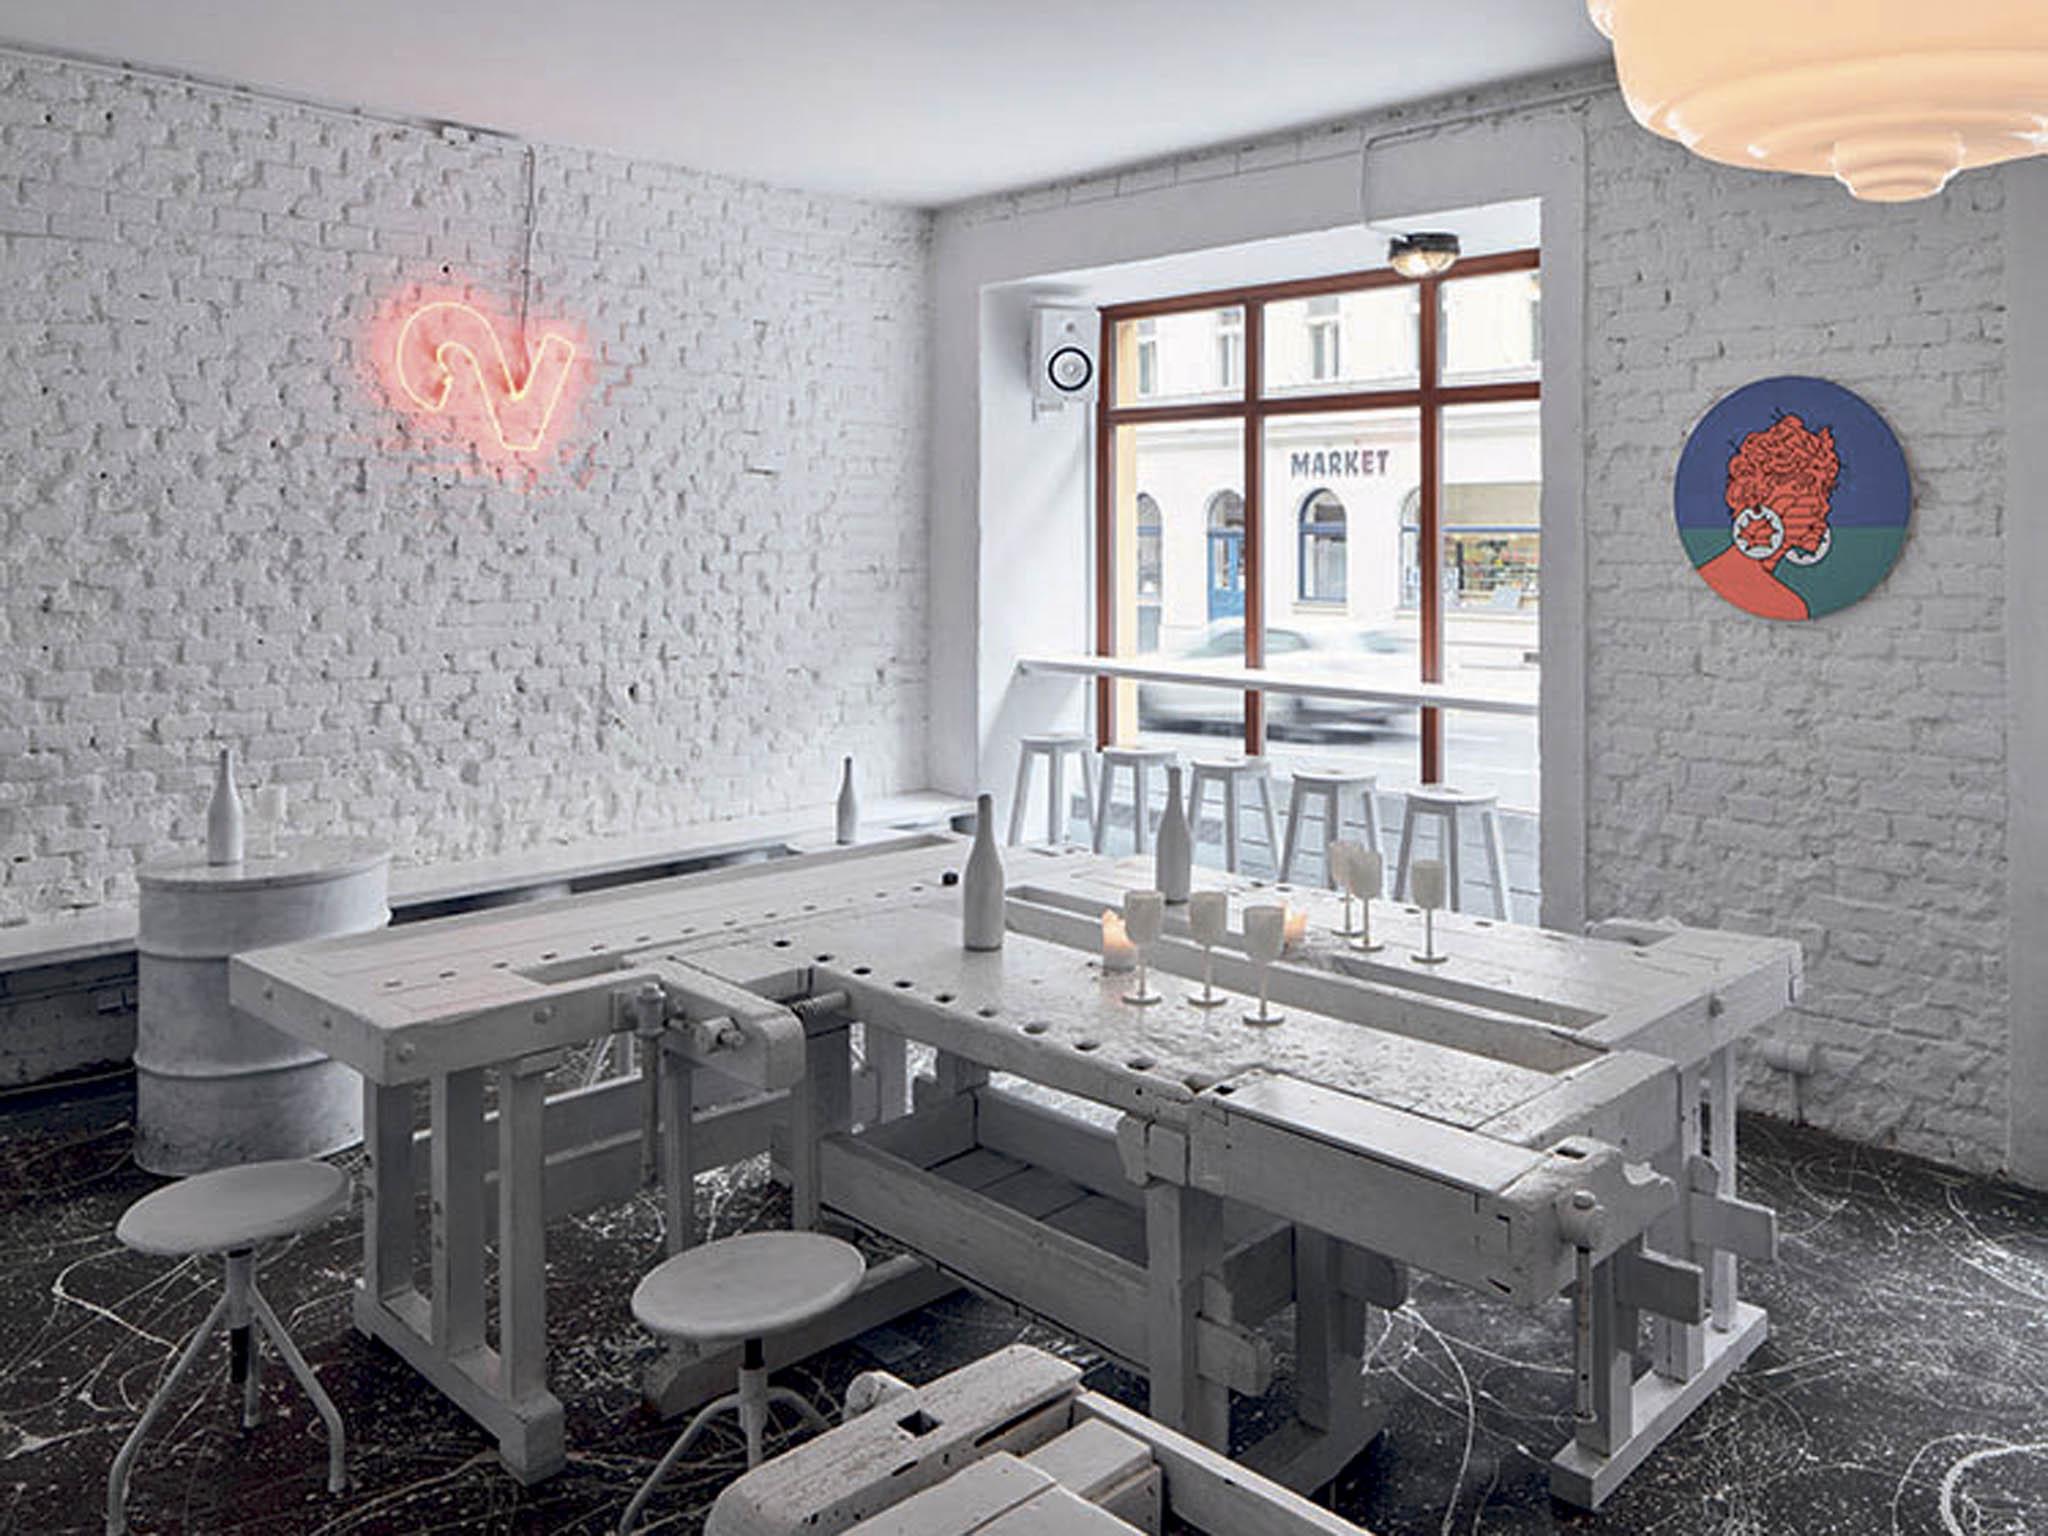 Sen galeristy Richarda Preislera se díky designérům Janu Plecháčovi aHenrymu Wielgusovi proměnil veskutečnost. Dvojka je vinný bar bez zprofanované provensálské inspirace.